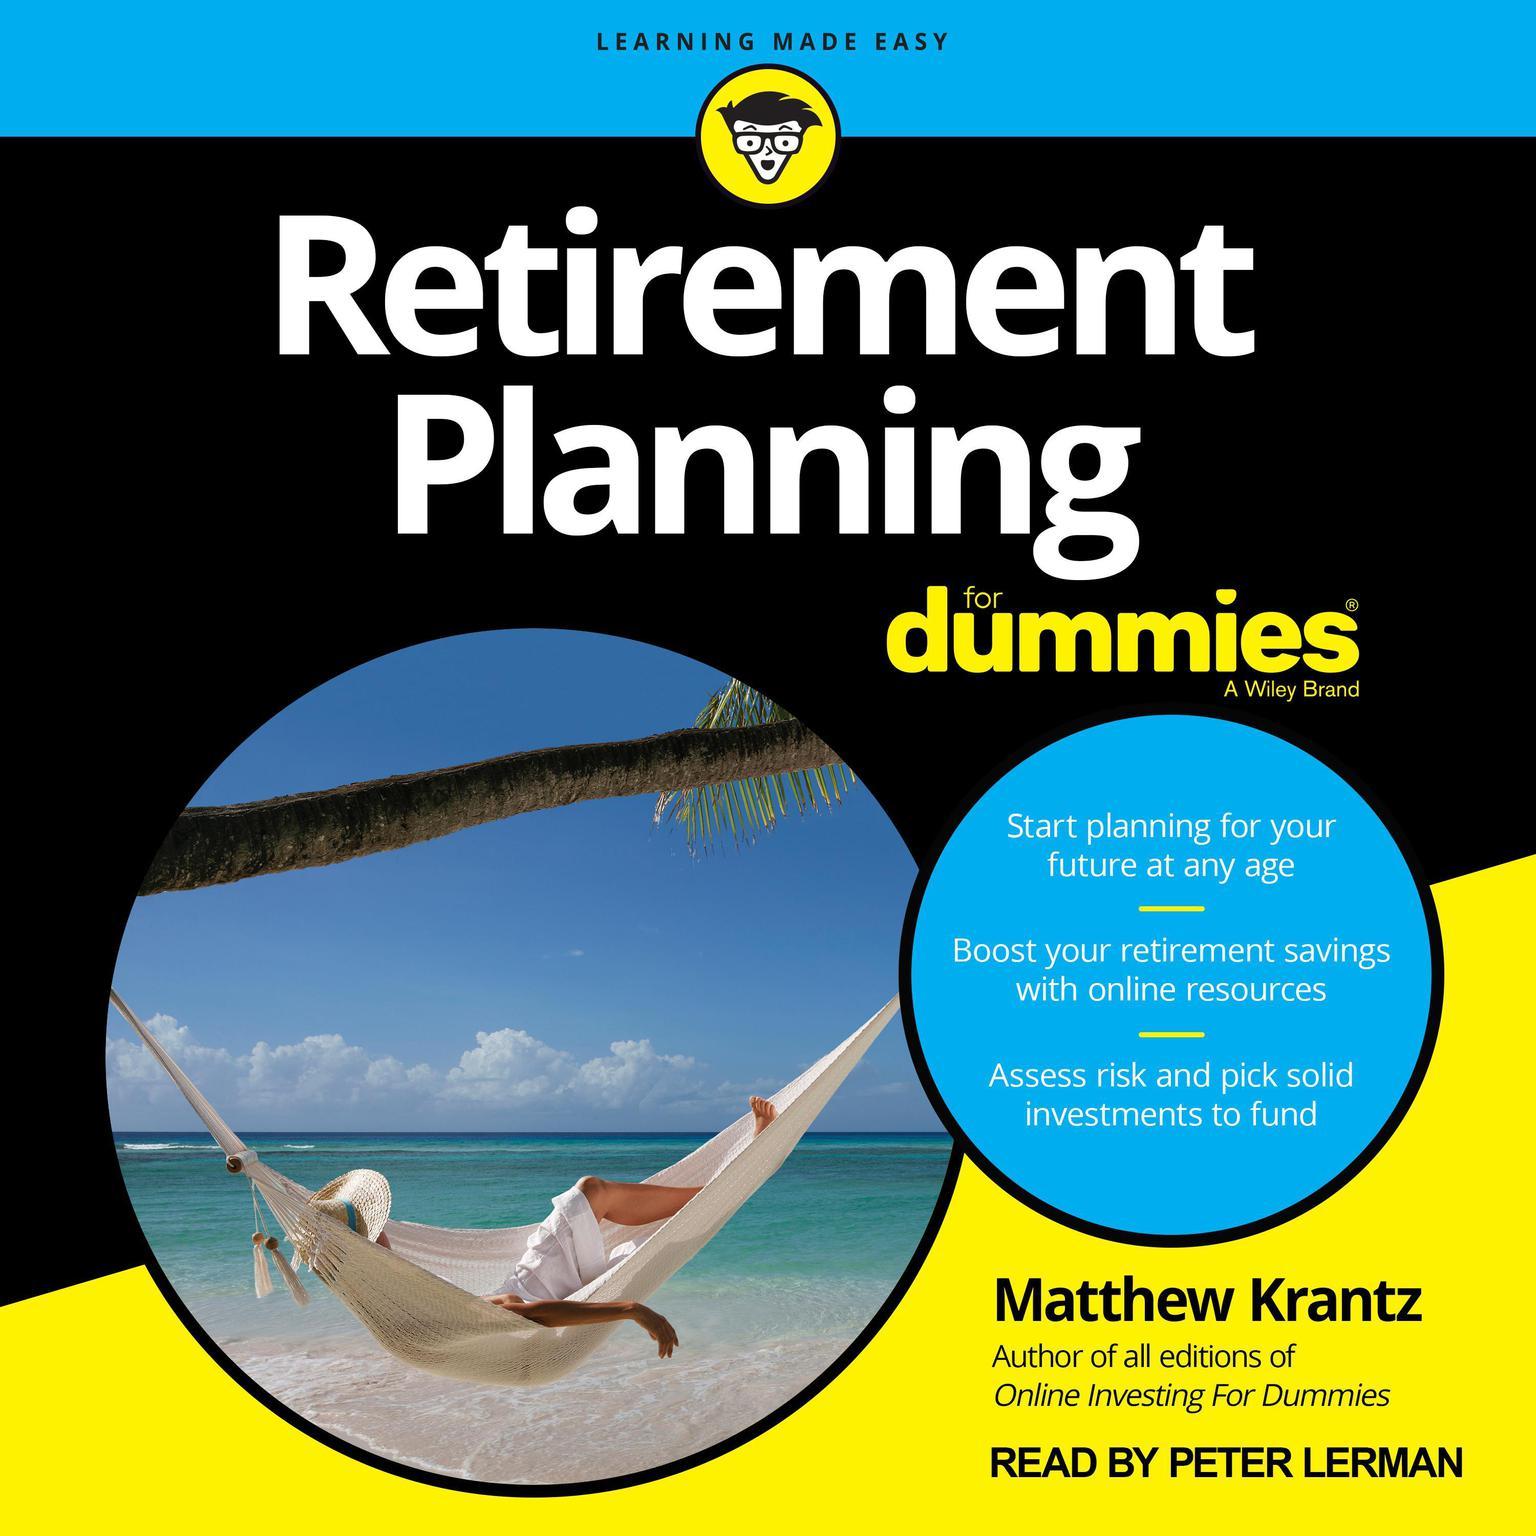 Retirement Planning For Dummies Audiobook, by Matthew Krantz